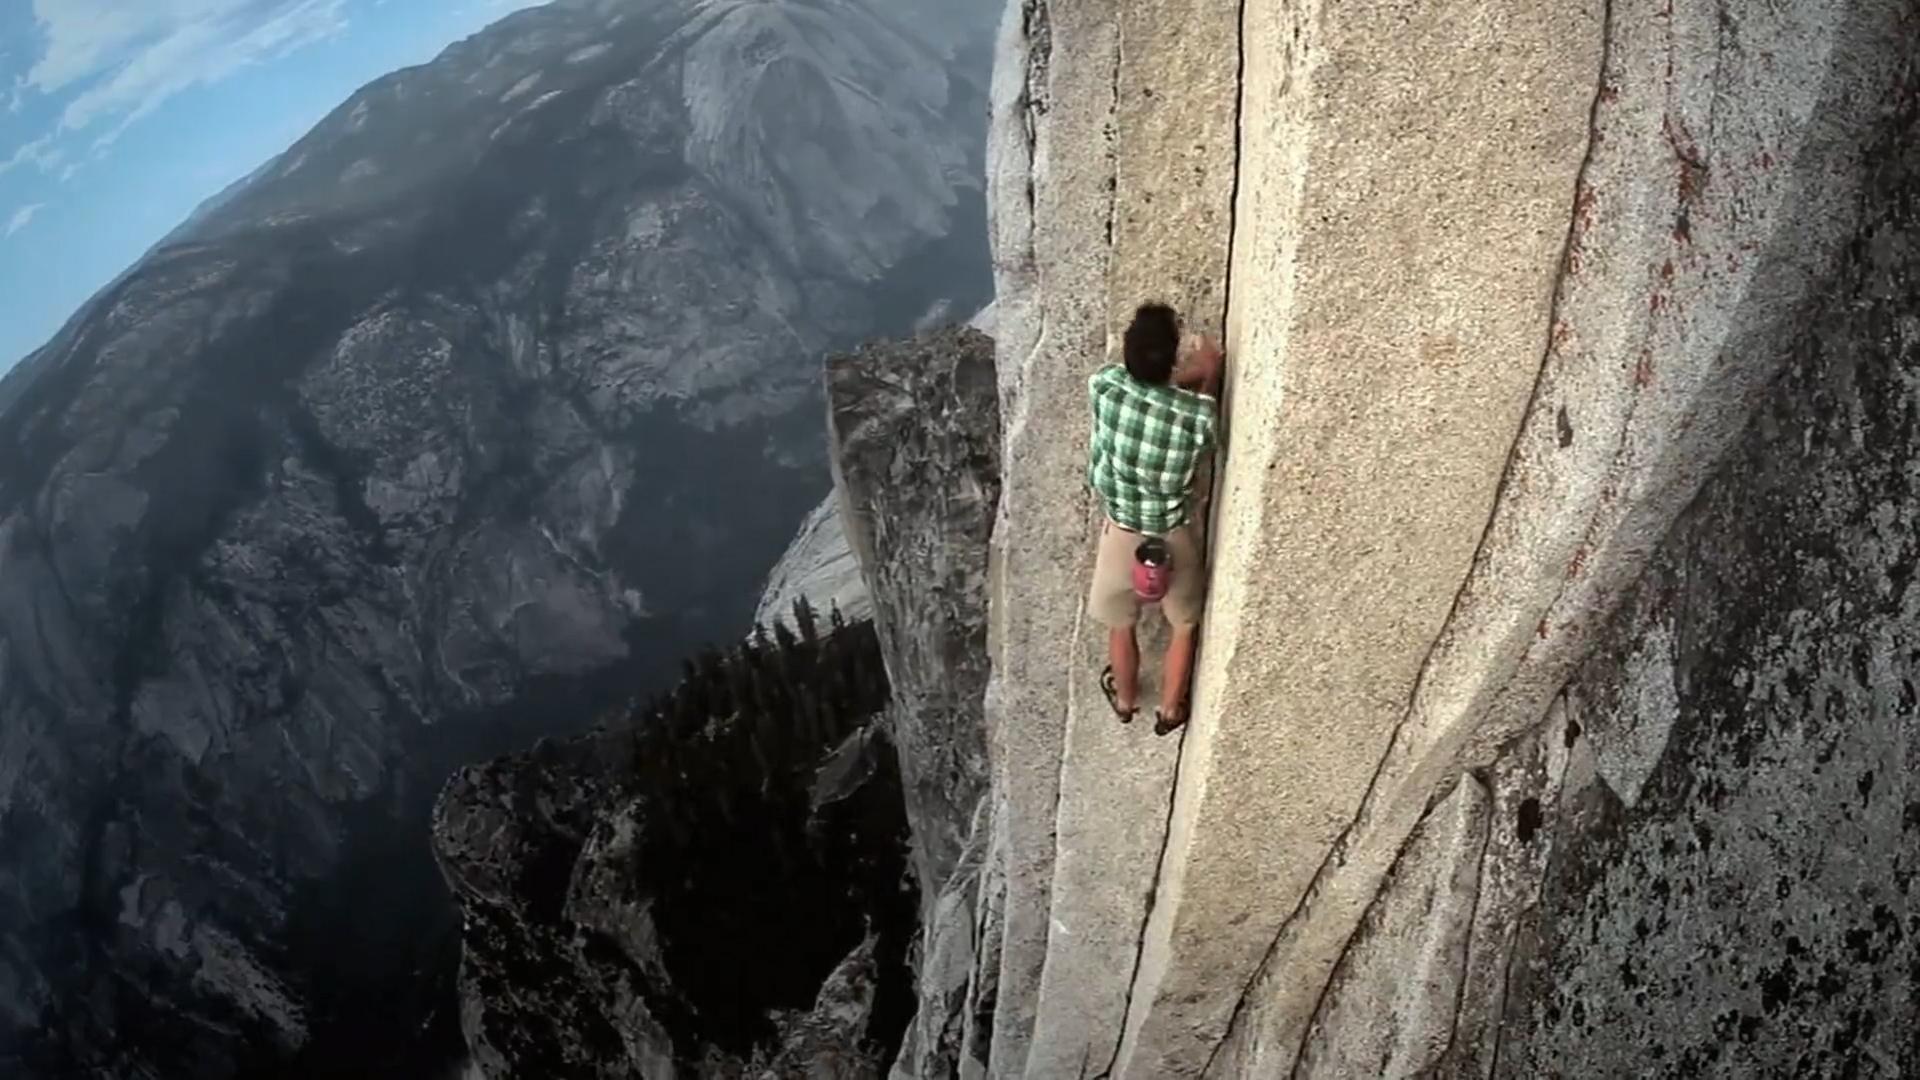 豆瓣8.9,奥斯卡硬核神作《徒手攀岩》,要么登顶,要么死亡!